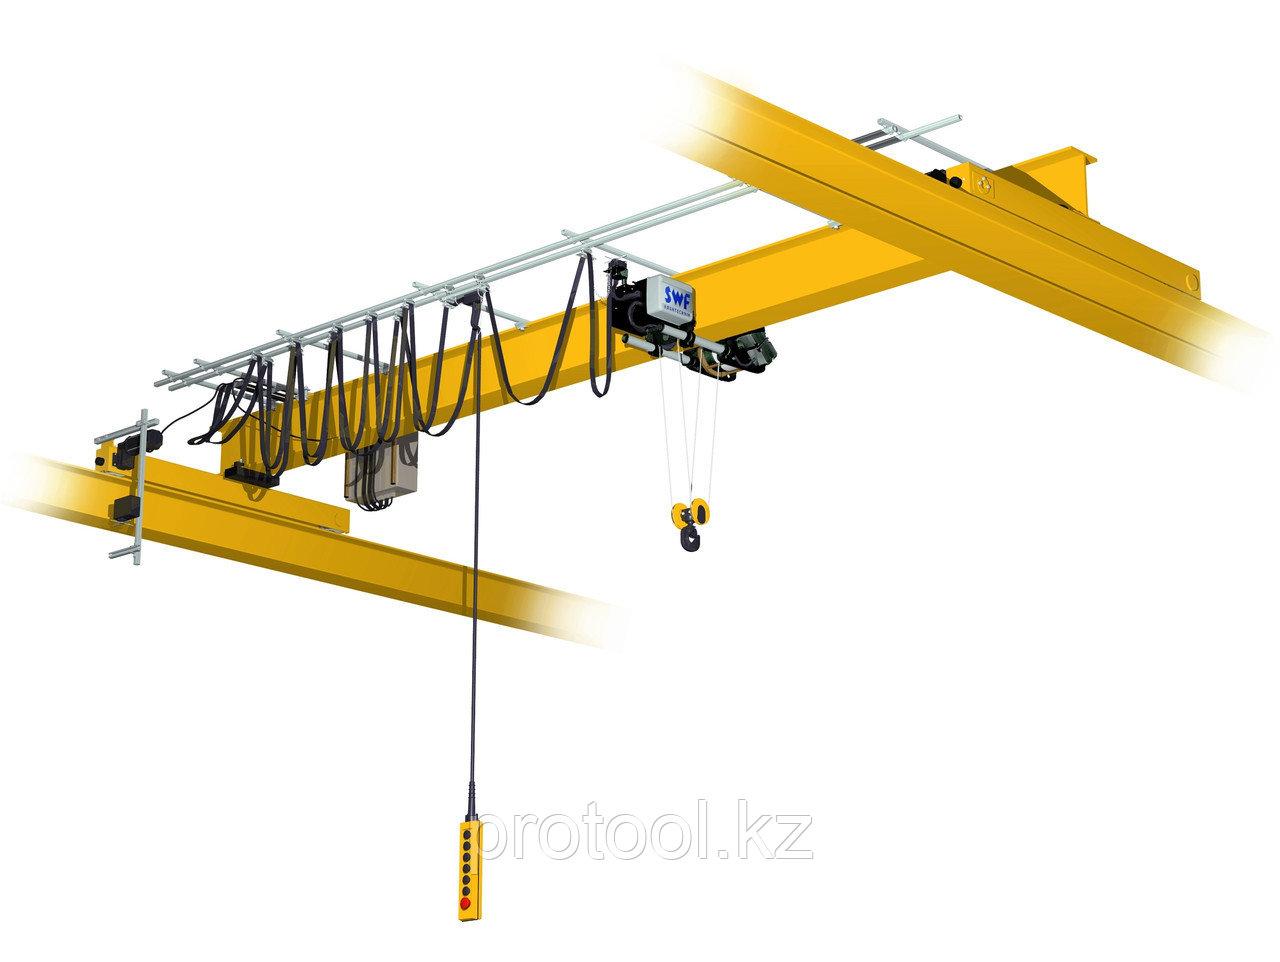 Кран мостовой однобалочный опорный однопролётный г/п 10 т пролет 10,5 м